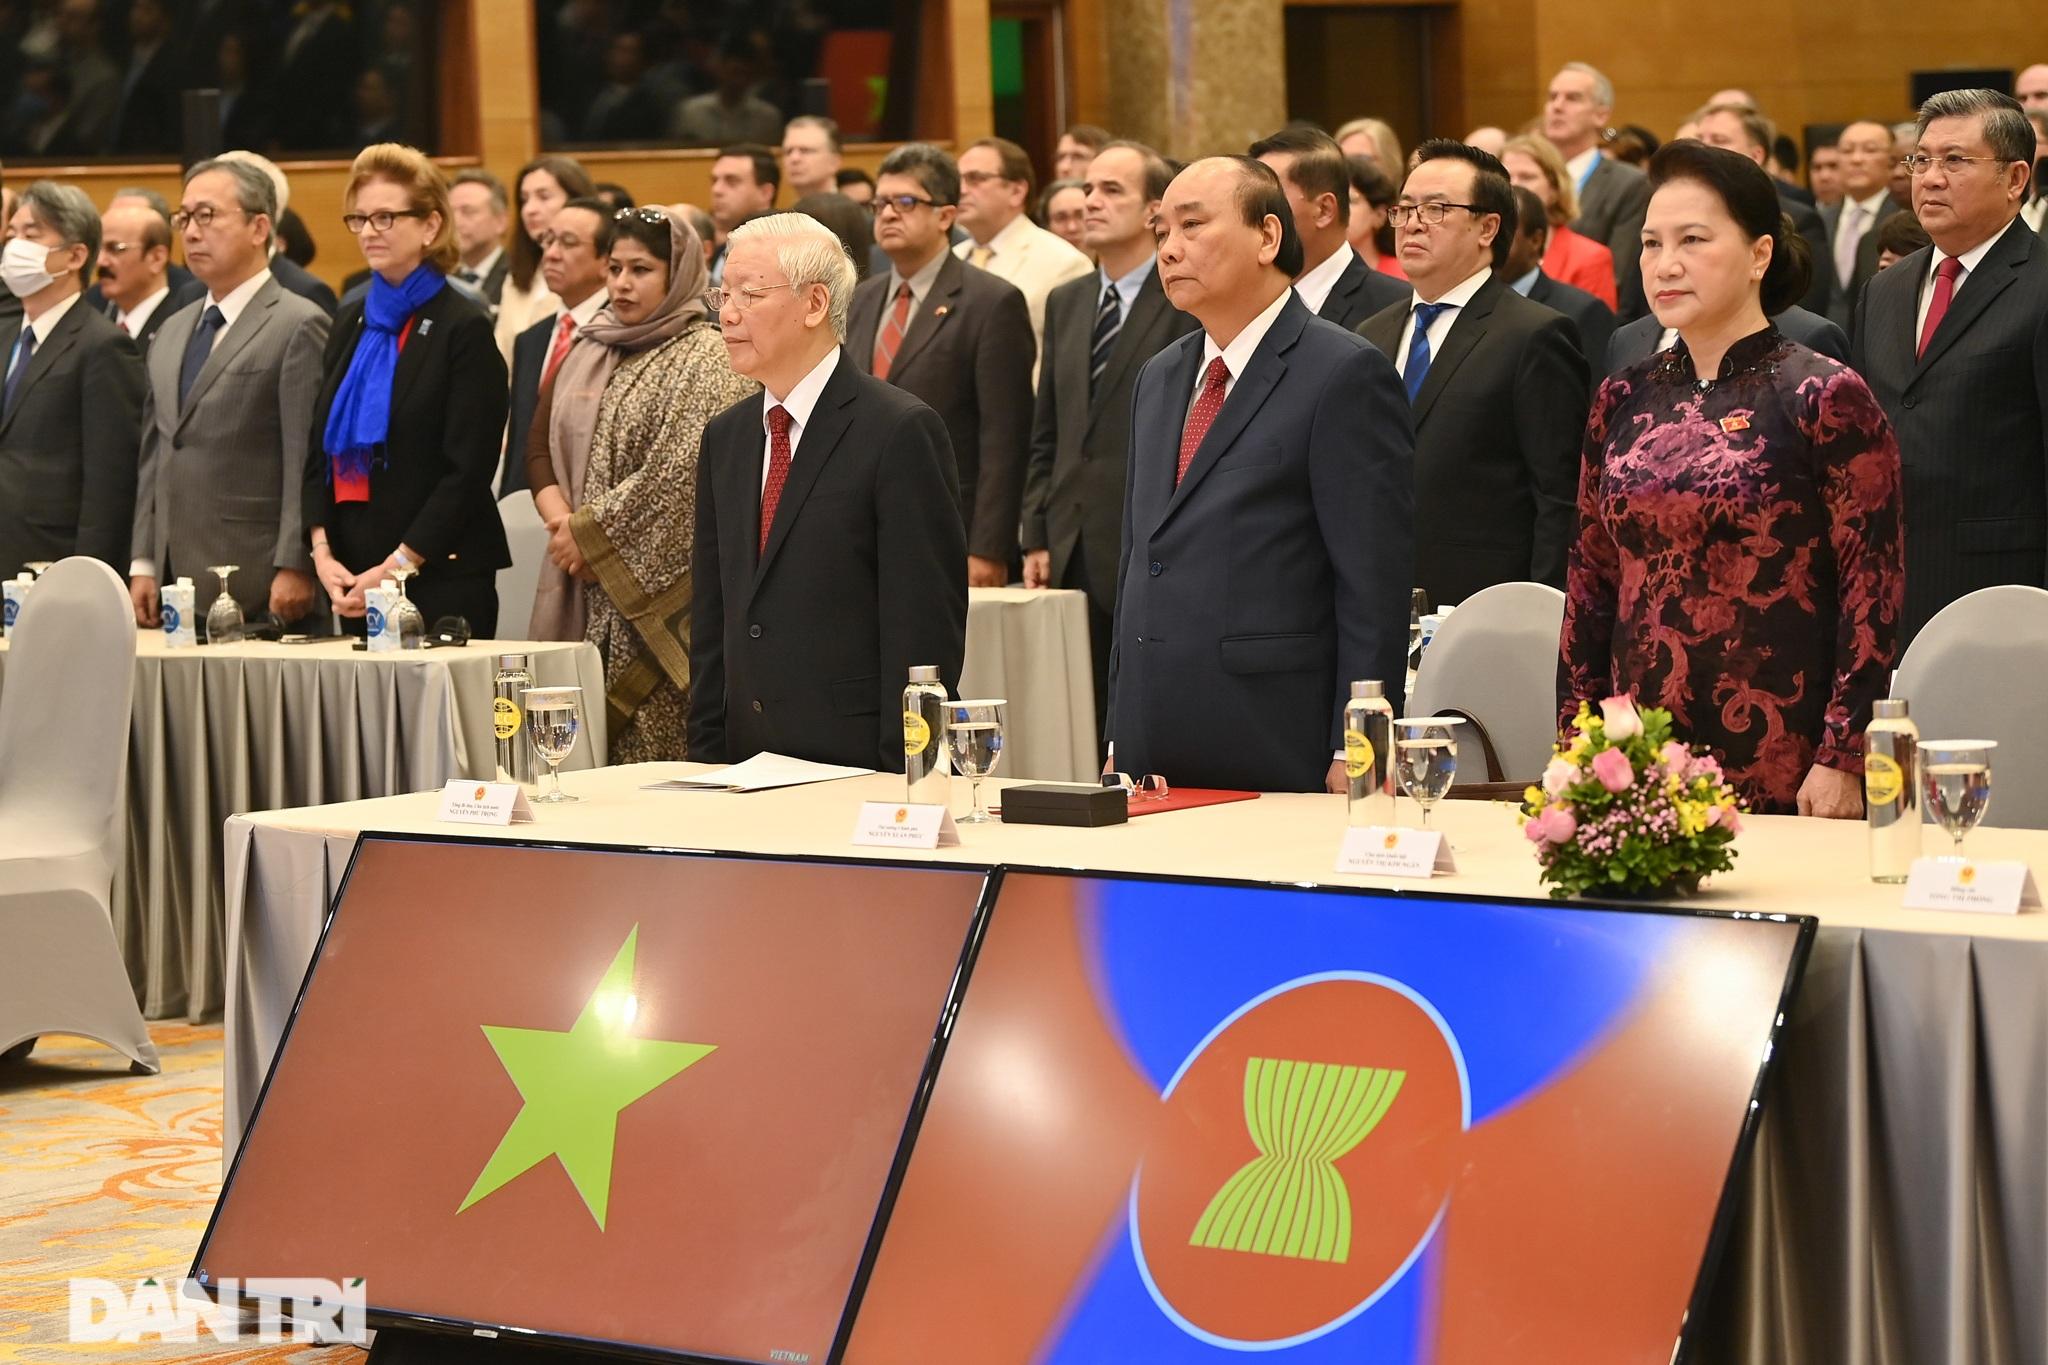 Lãnh đạo Đảng, Nhà nước dự khai mạc Hội nghị cấp cao ASEAN - 8